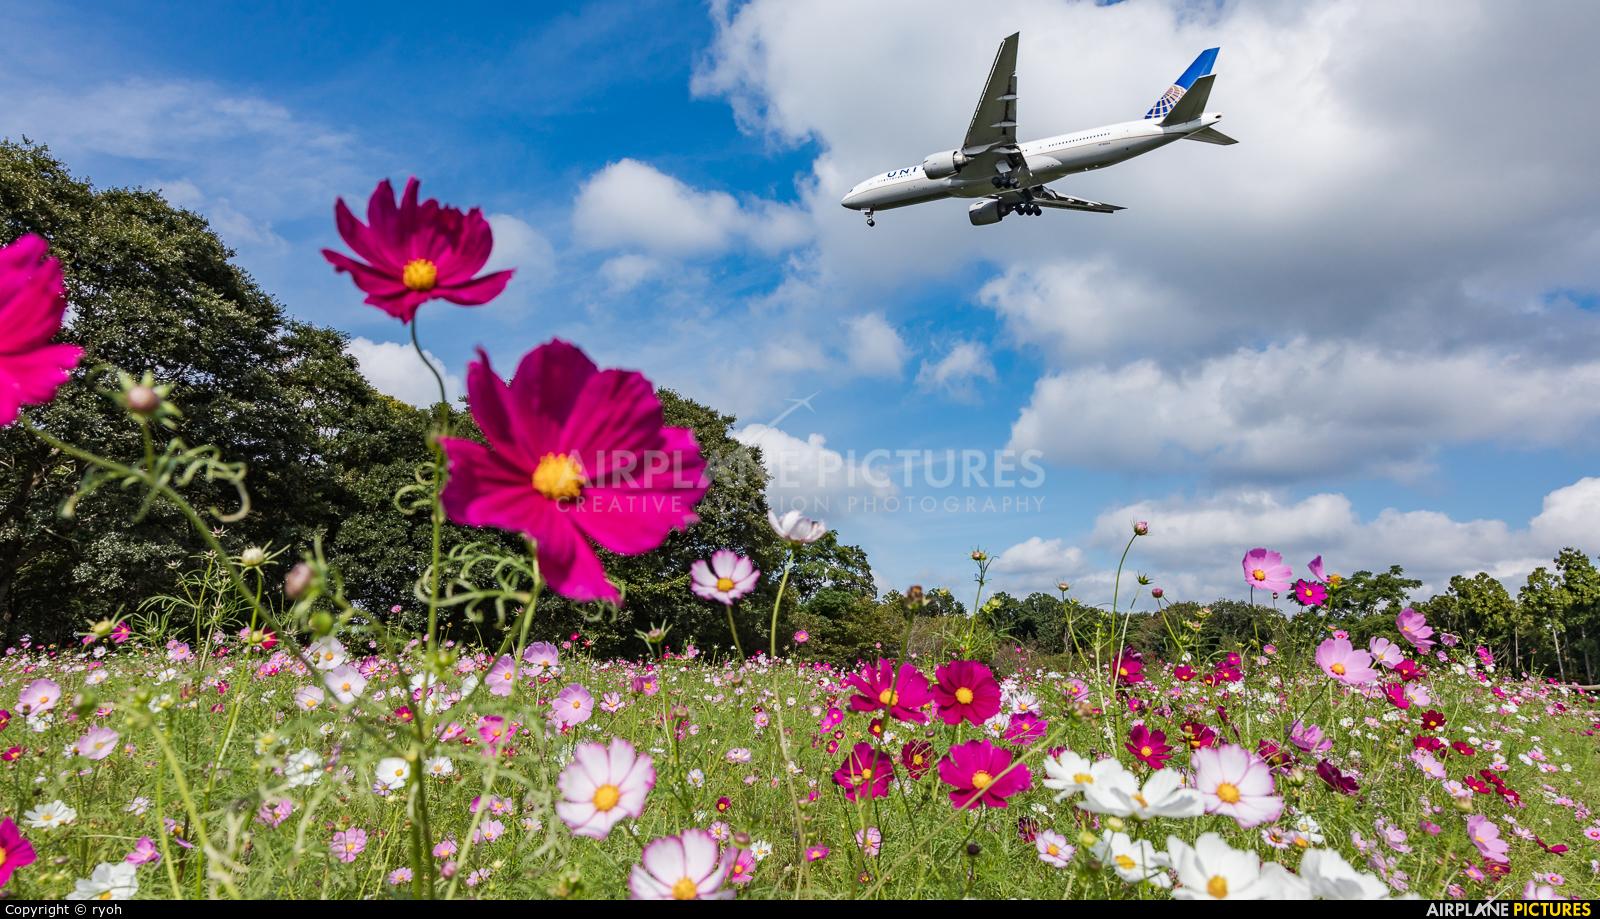 United Airlines N78004 aircraft at Tokyo - Narita Intl